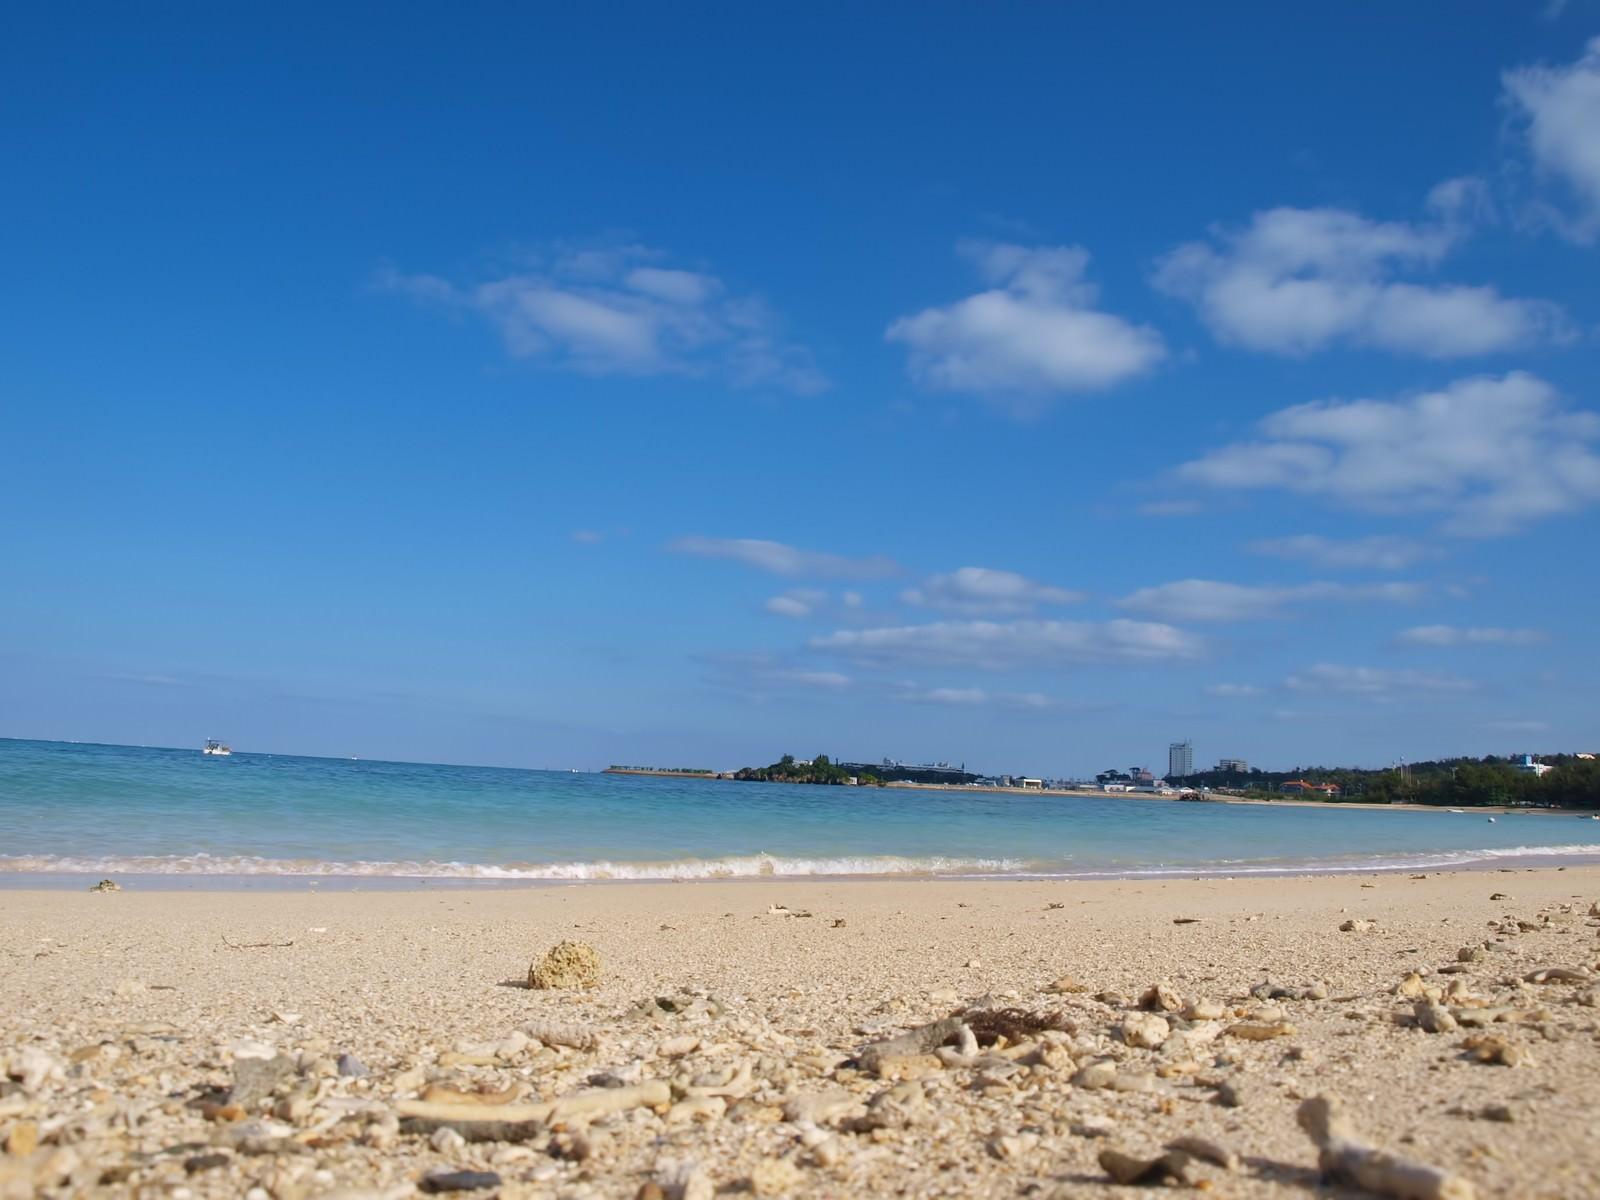 「沖縄の白い砂浜沖縄の白い砂浜」のフリー写真素材を拡大